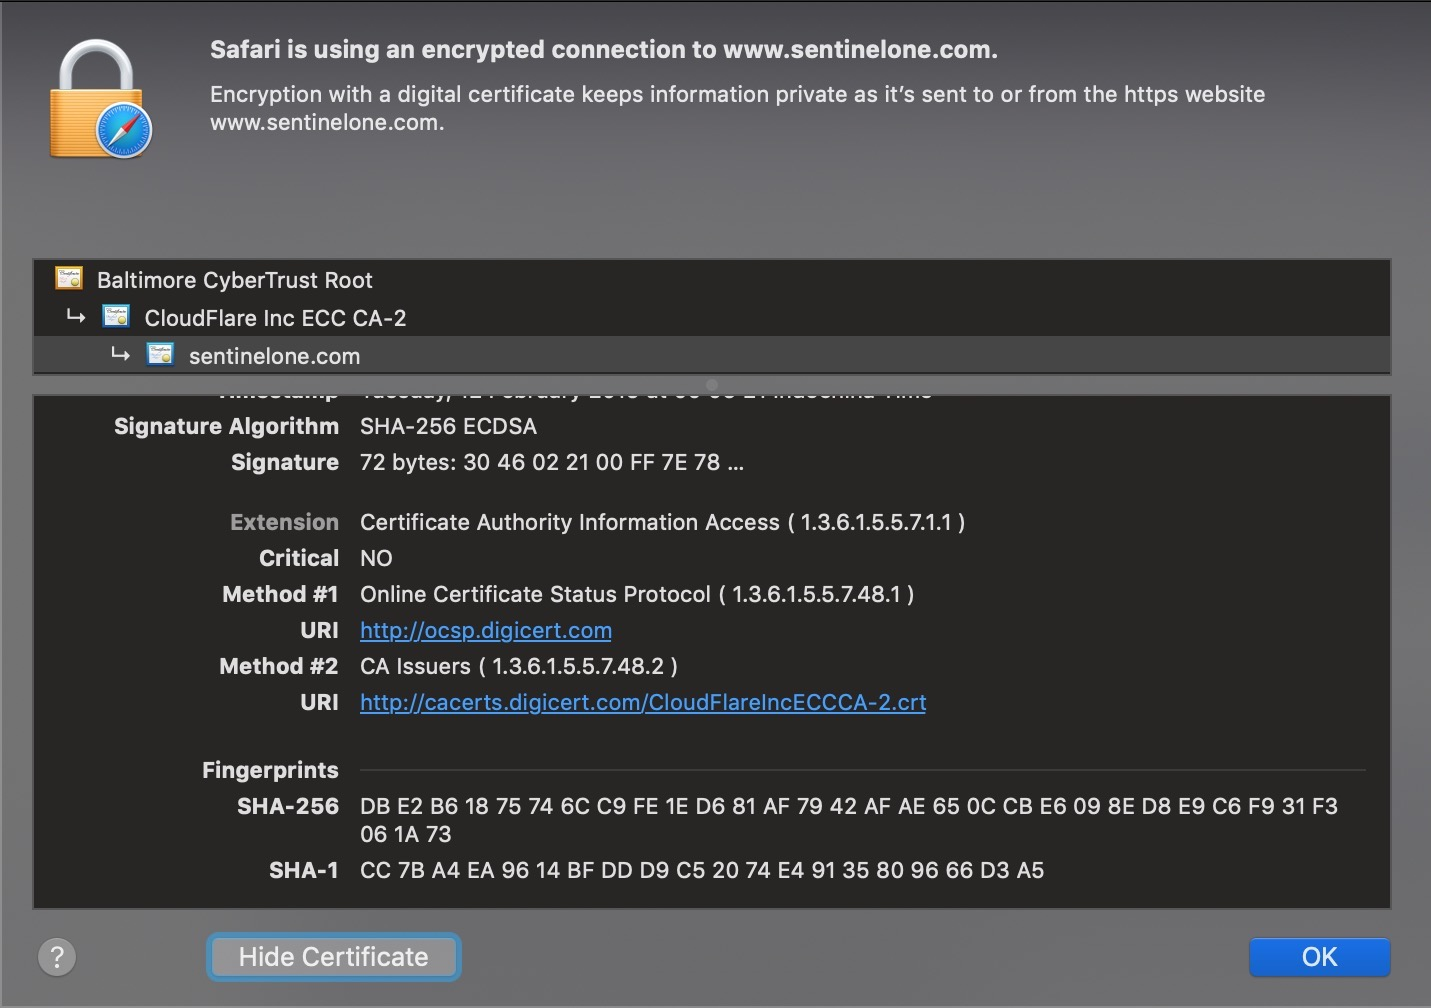 image of ssl certificate hash